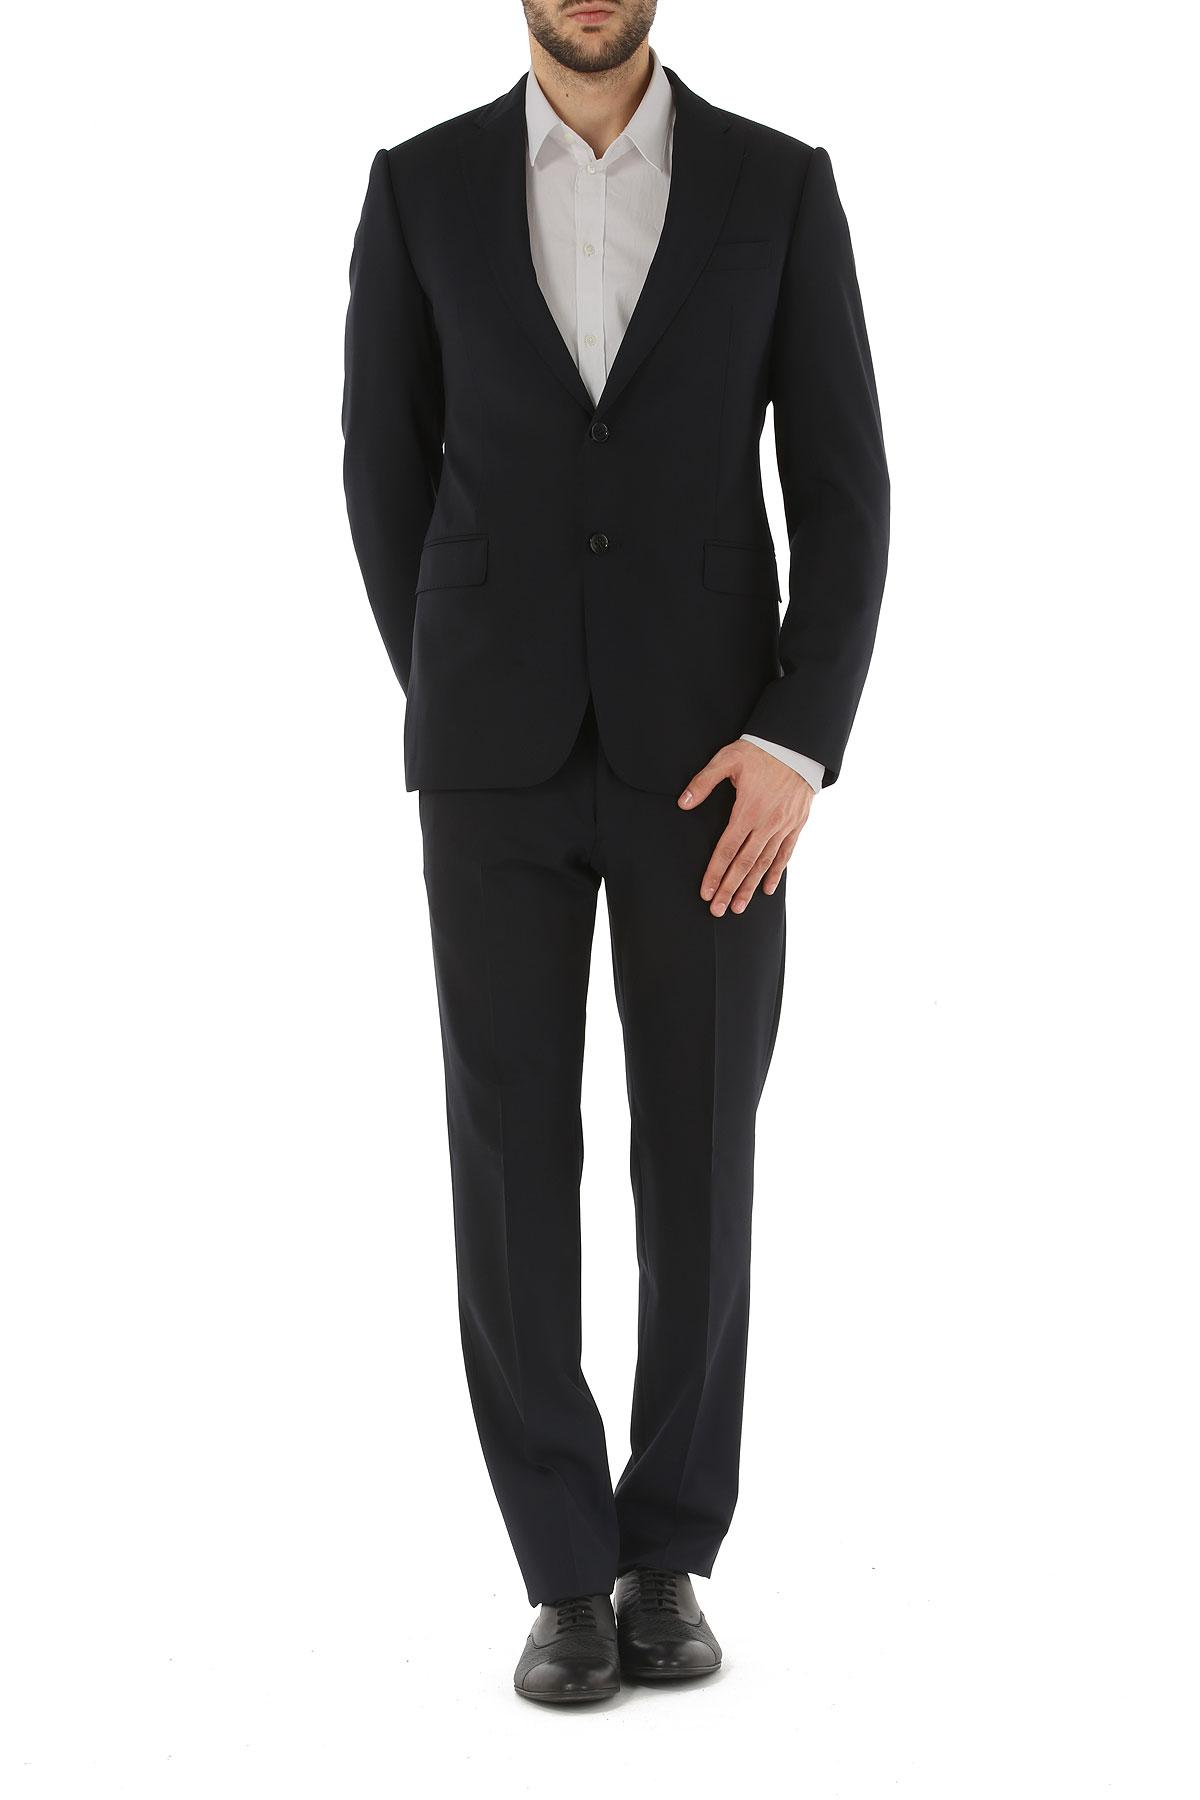 961eff954e3d Lyst - Costume Homme Pas cher en Soldes Emporio Armani pour homme en ...